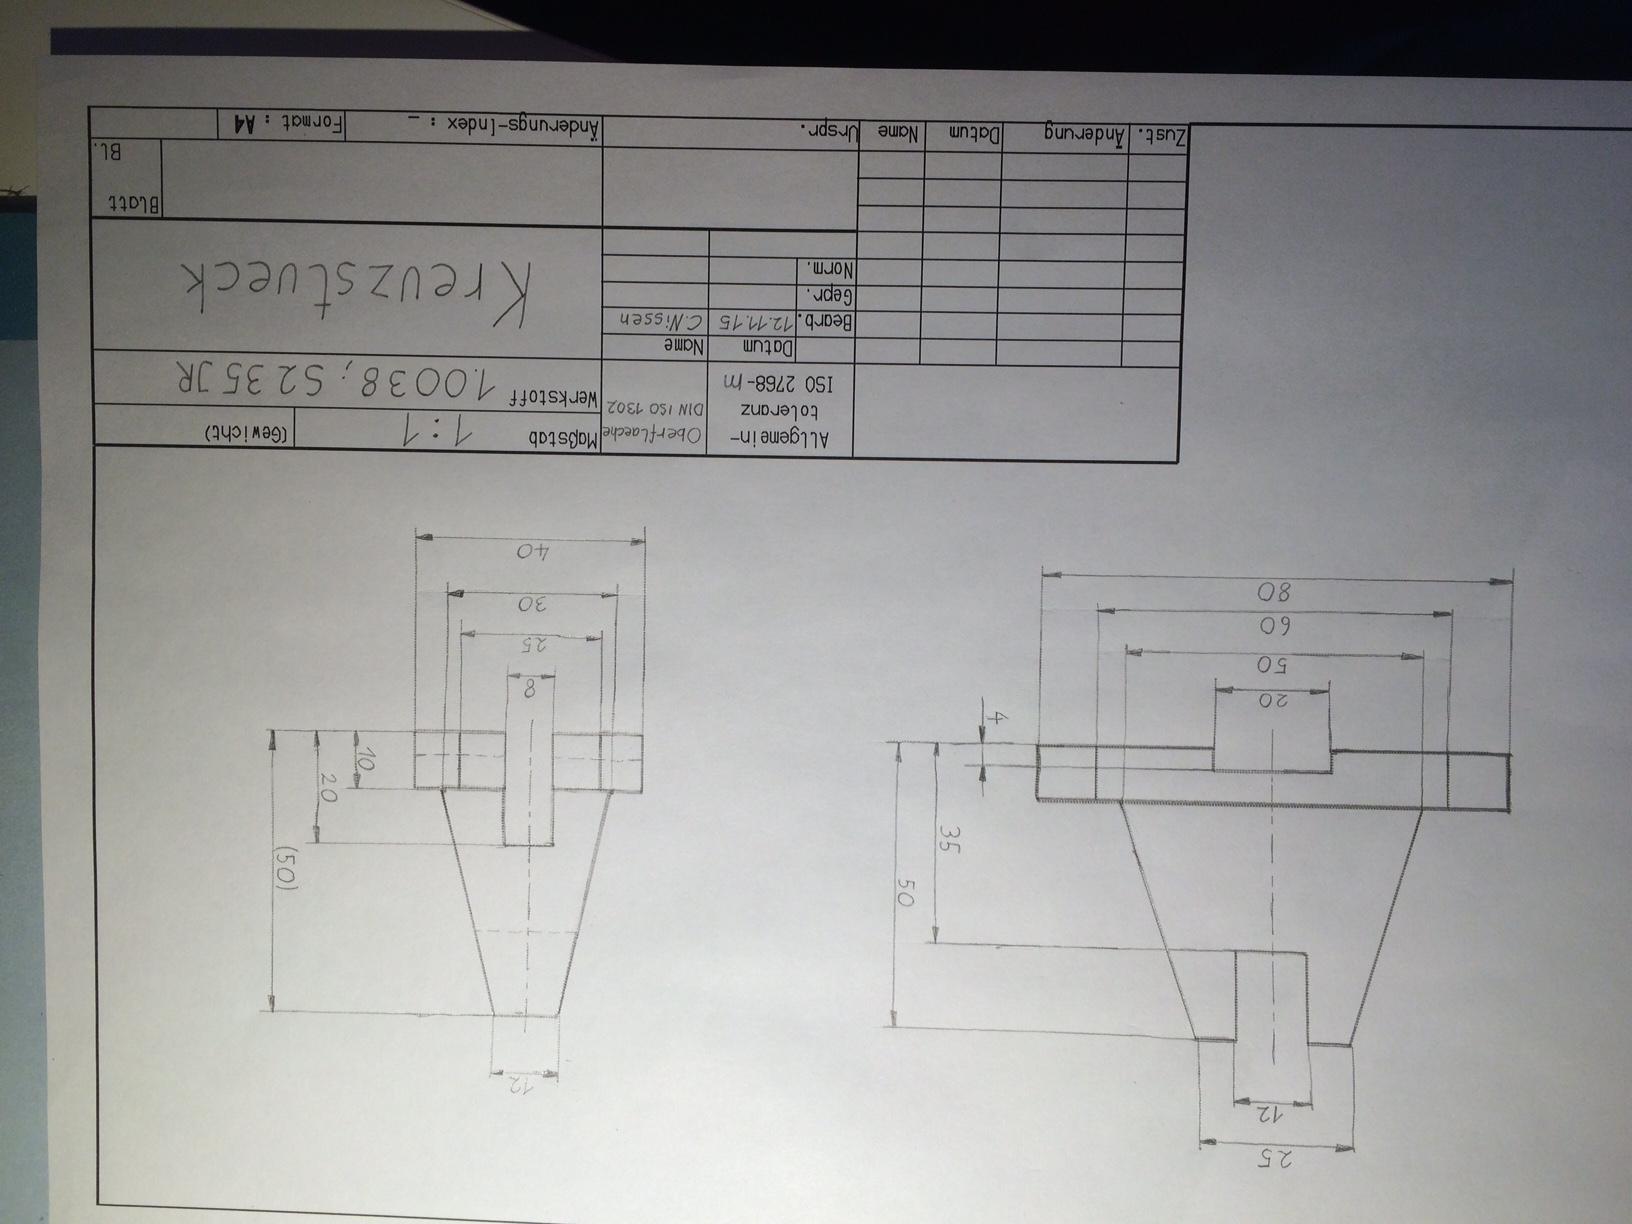 technische zeichnung richtige ansichten und annahmen technik studium zeichnen. Black Bedroom Furniture Sets. Home Design Ideas